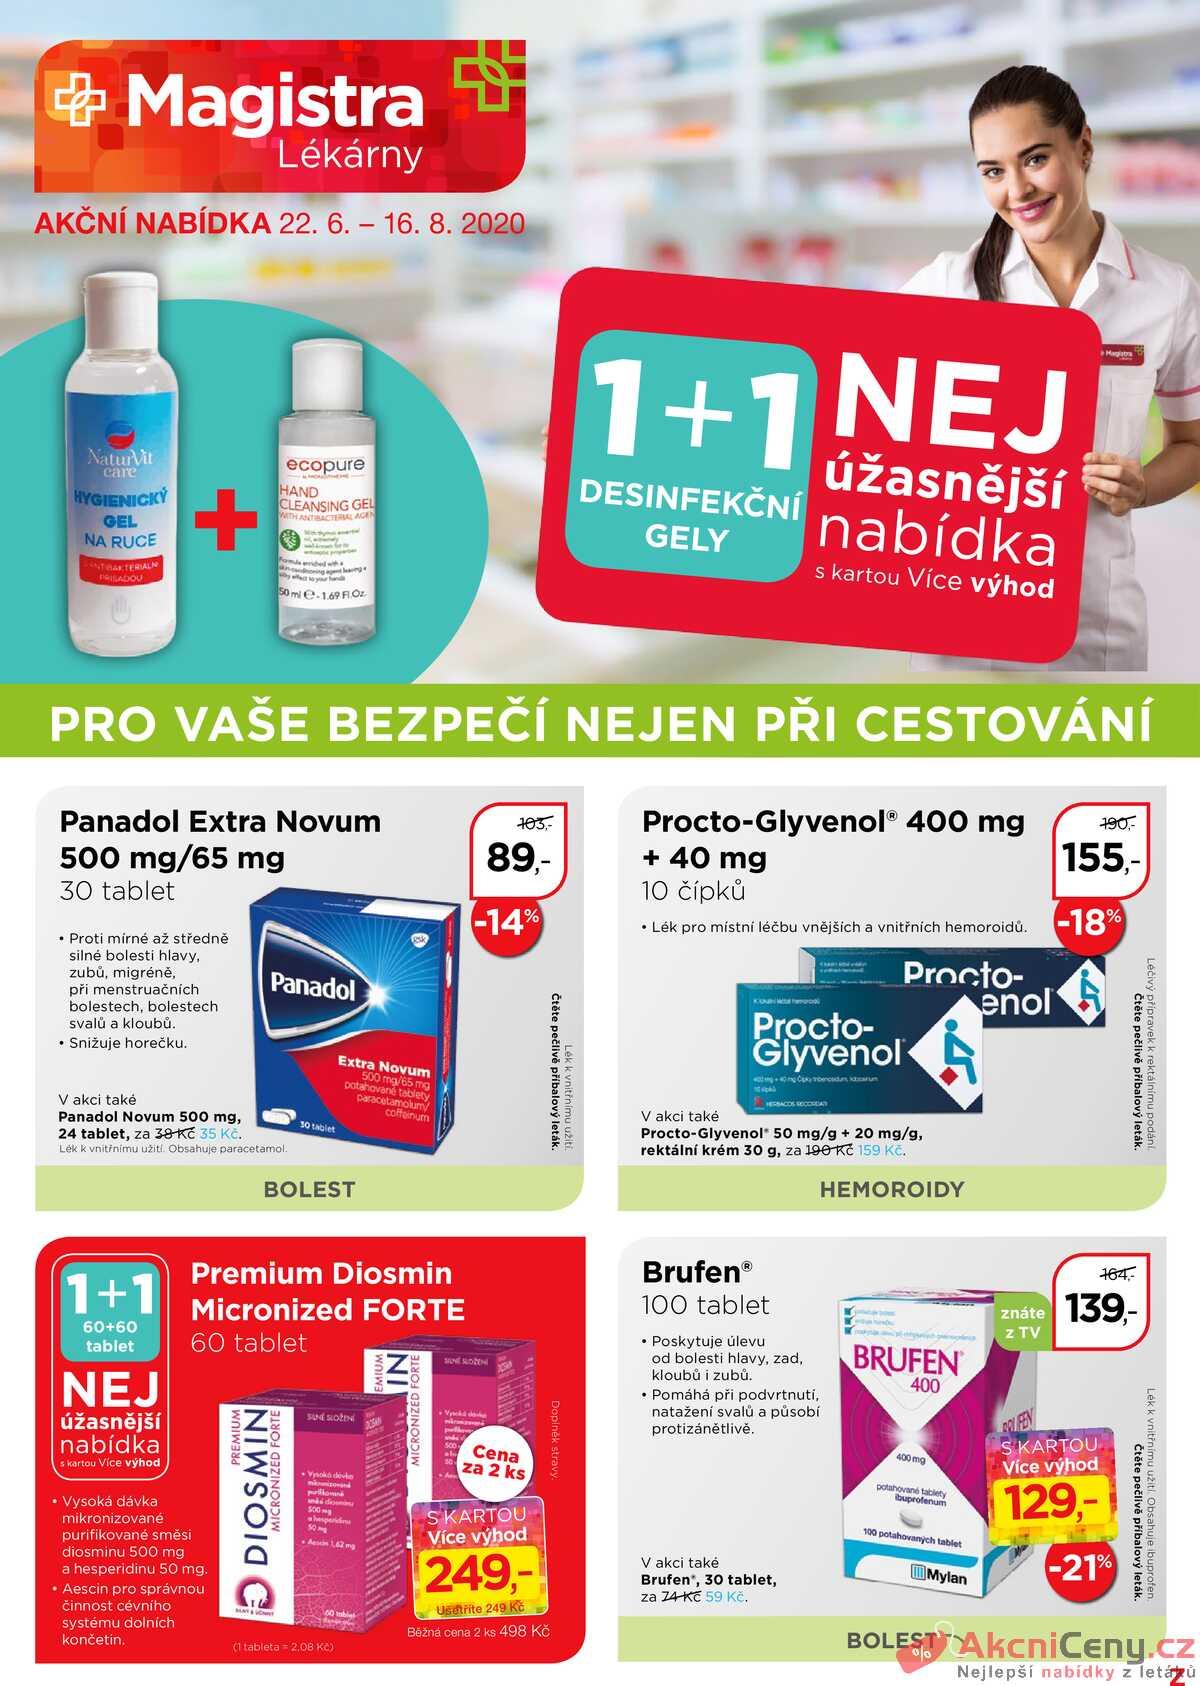 Leták Magistra lékárny strana 1/8